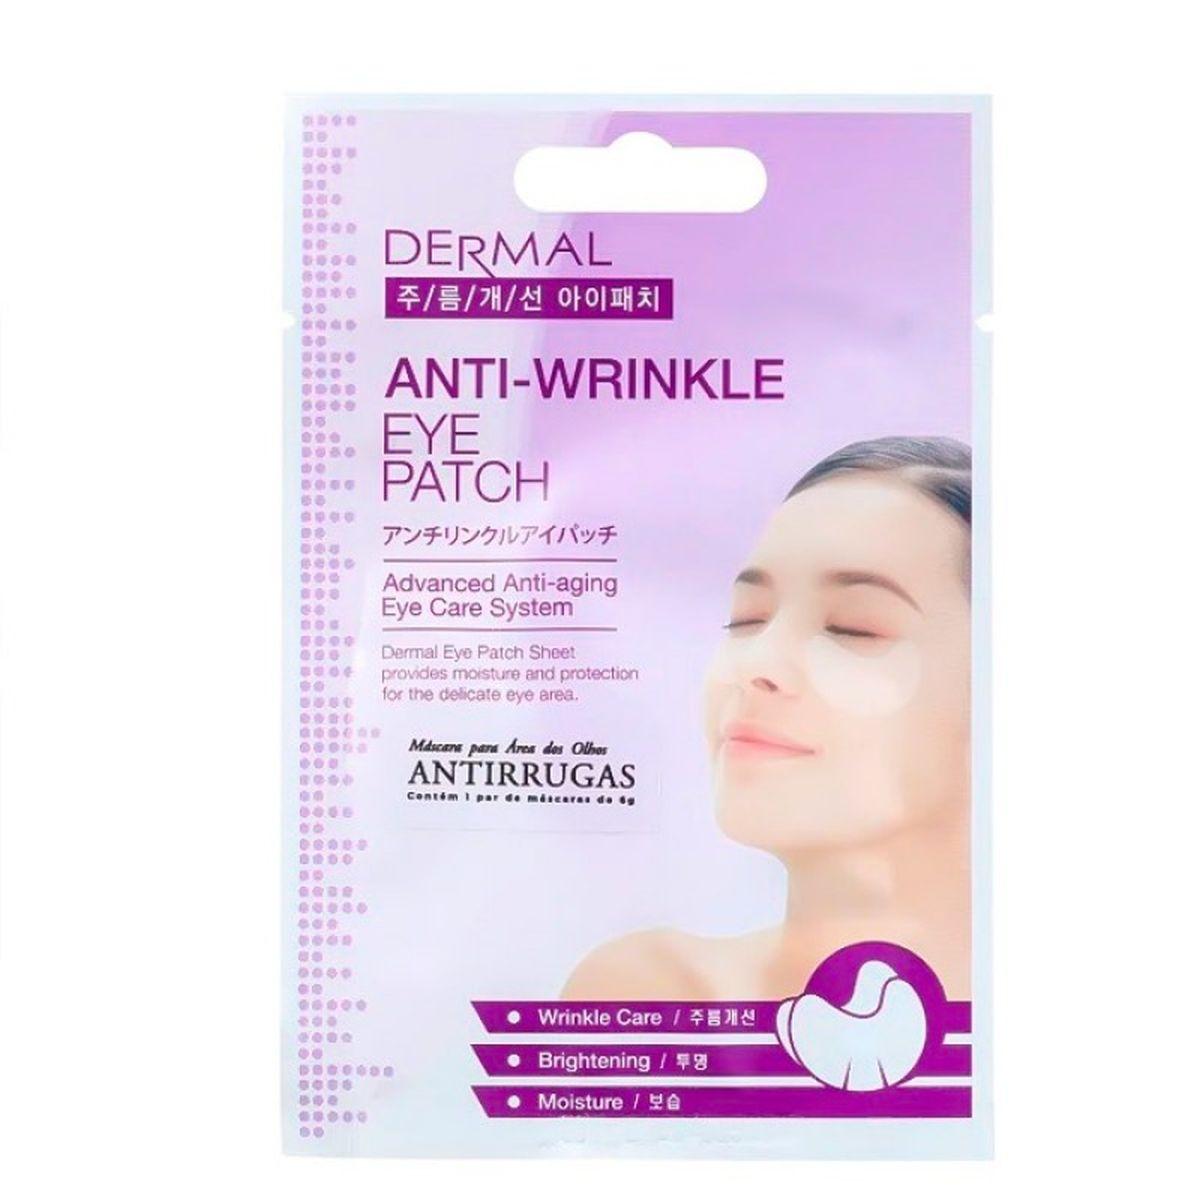 Антивозрастные патчи для век DERMAL Anti-Wrinkle Eye Patch - 6 гр